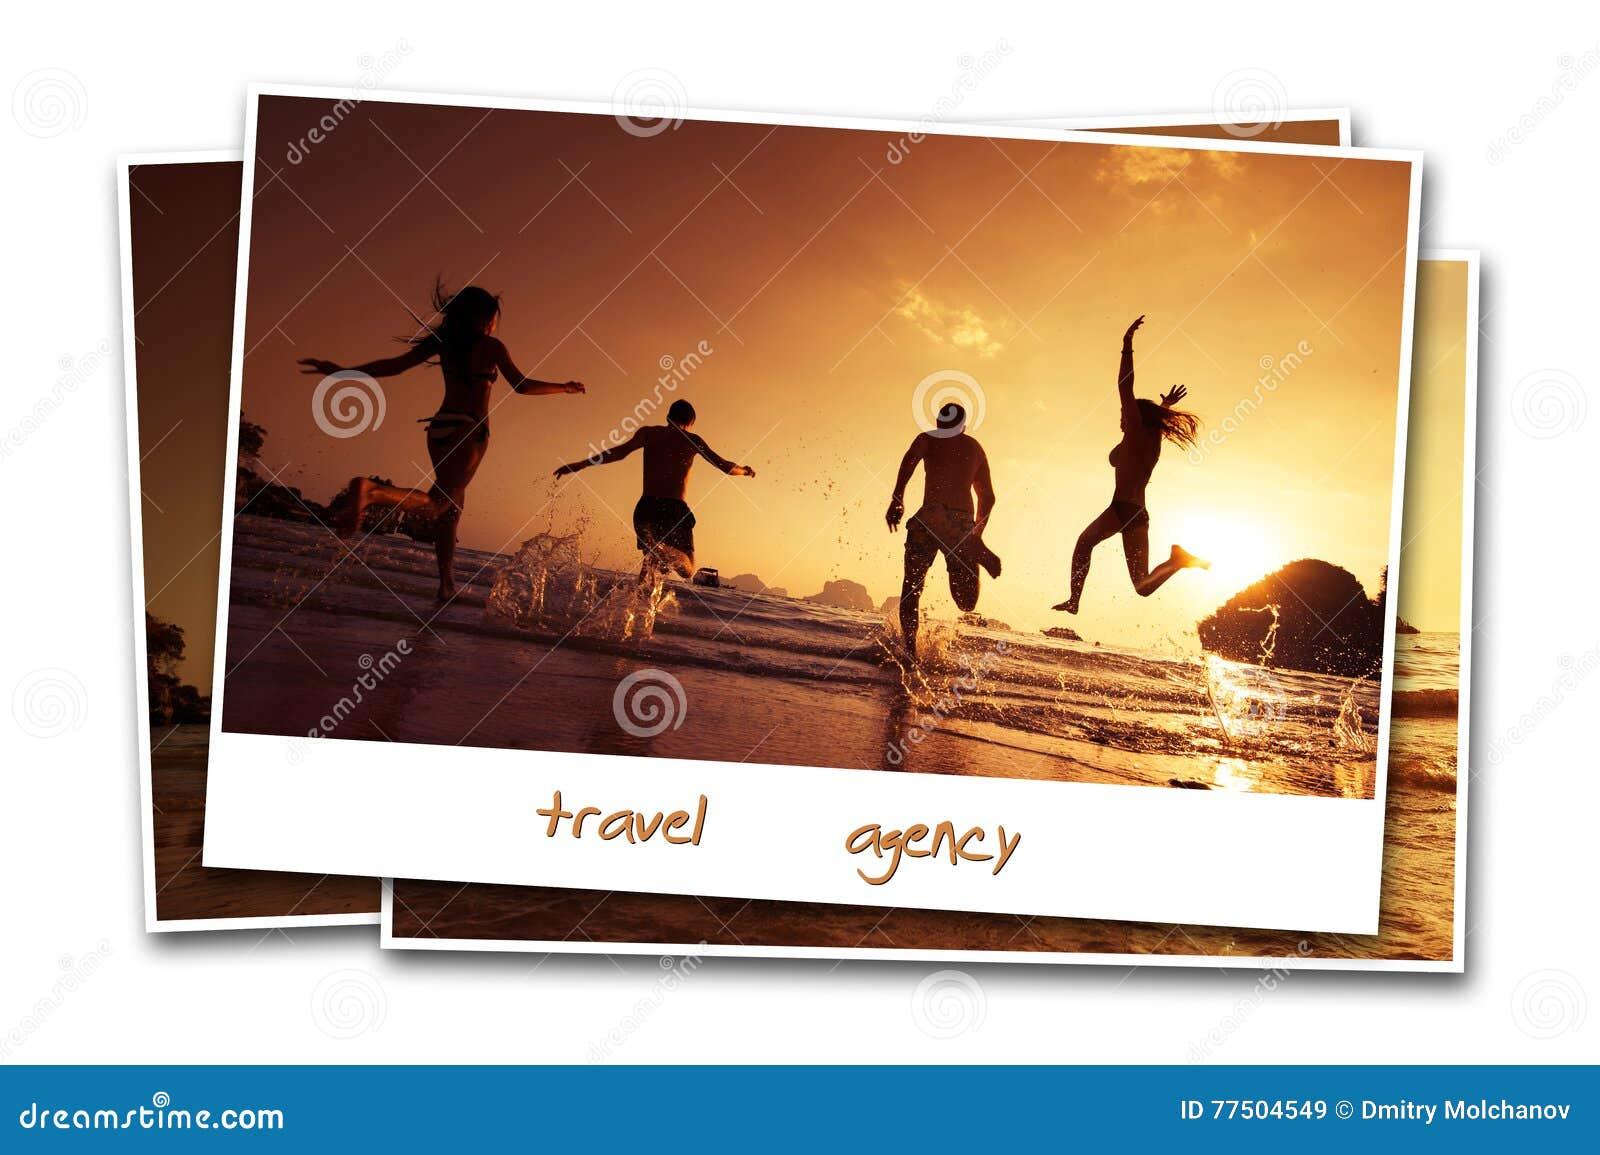 Los amigos del viaje varan el agua del contexto de la arena del concepto de la foto